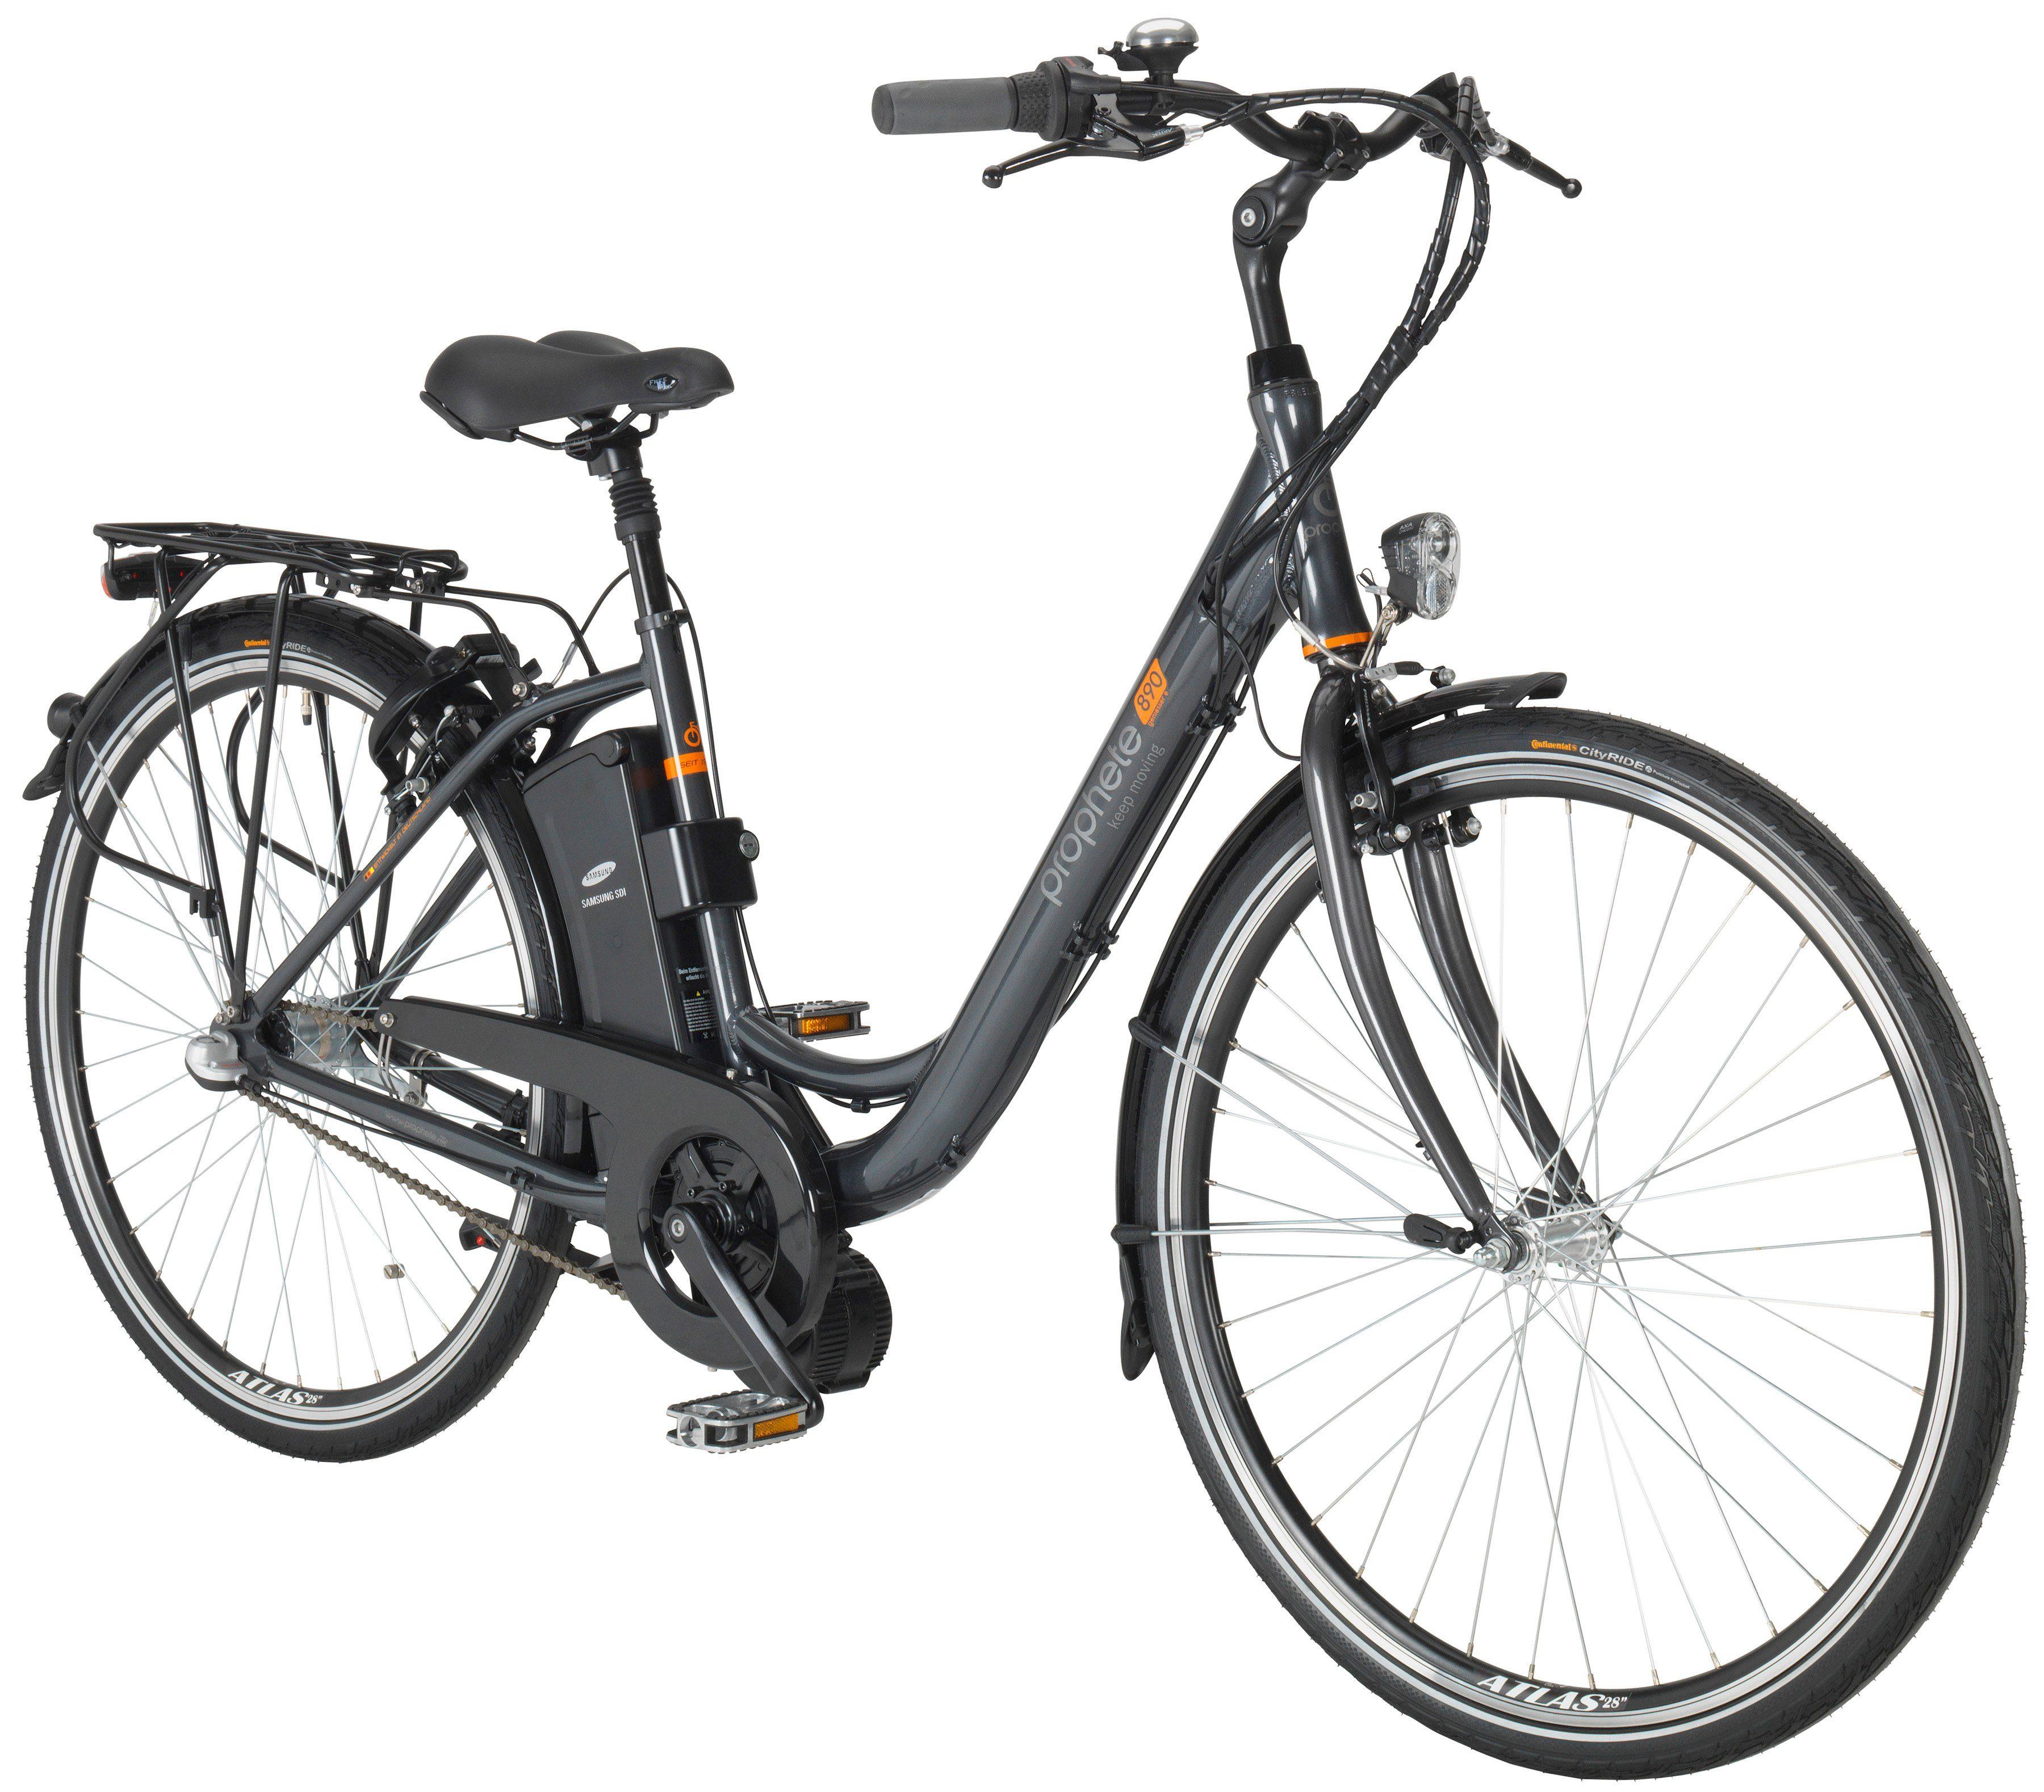 PROPHETE E-Bike City Damen »GENIESSER e890«, 28 Zoll, 3-Gang, Mittelmotor, 374 Wh